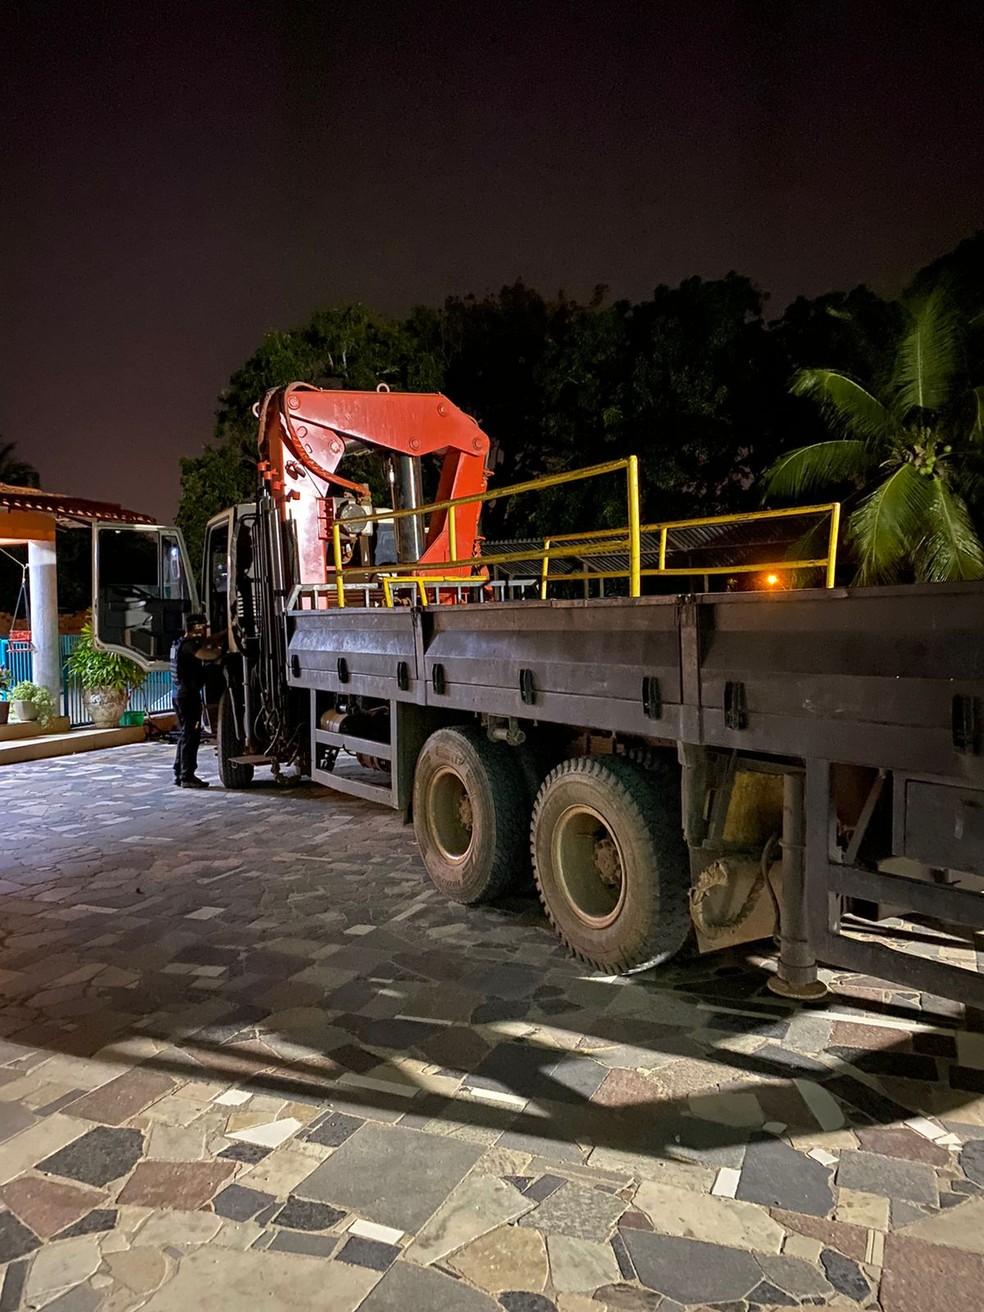 Caminhão pertencente à própria empresa vítima e que era utilizado pelos suspeitos na ação criminosa — Foto: Divulgação/Polícia Civil